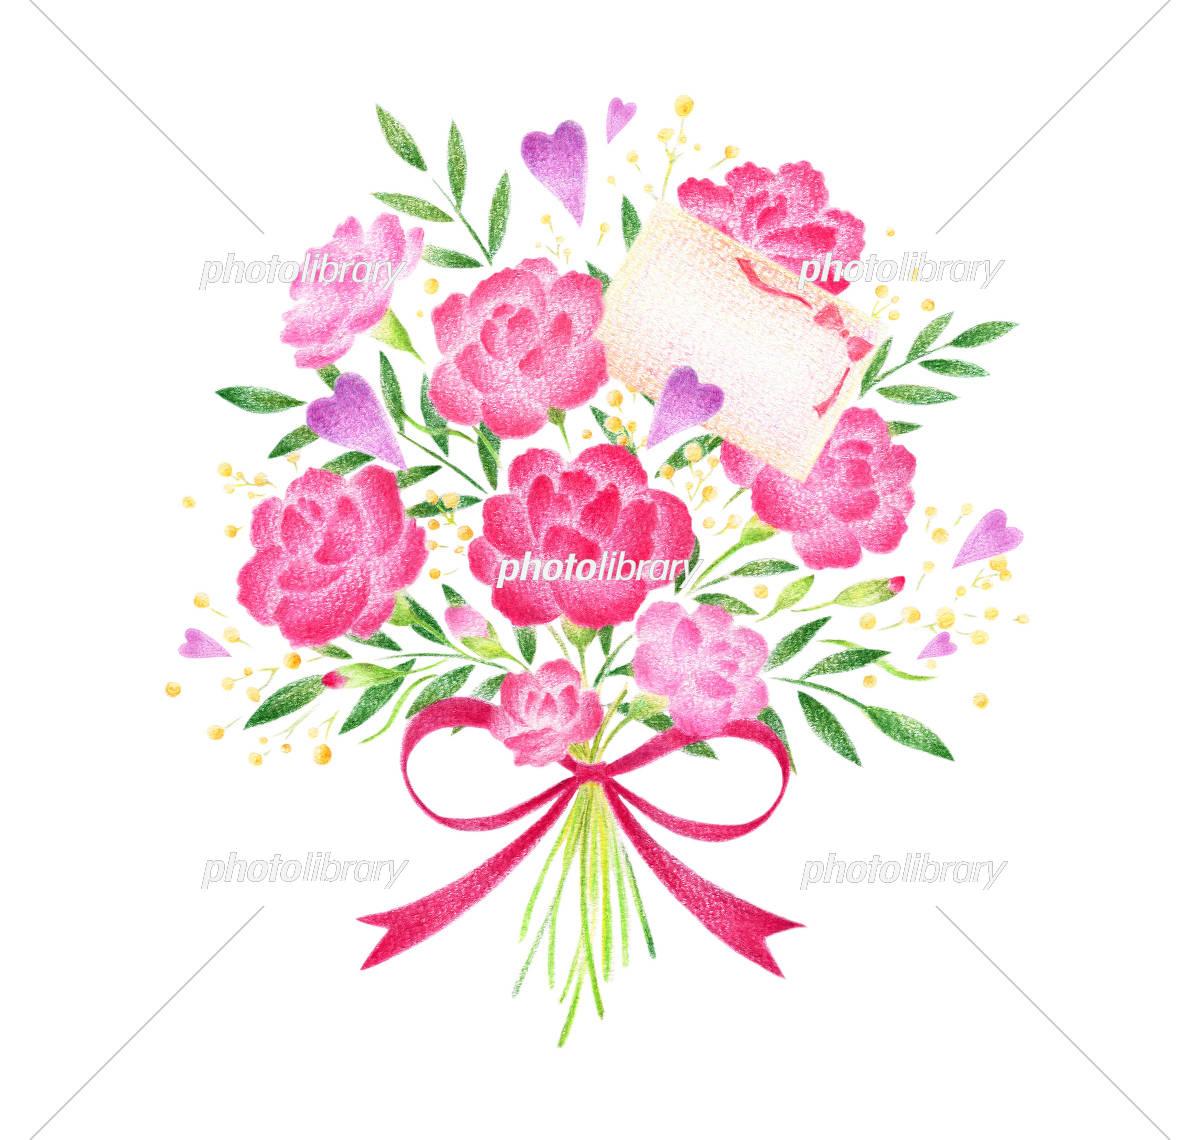 母の日 花束 カード イラスト素材 [ 5493762 ] - フォトライブラリー photolibrary